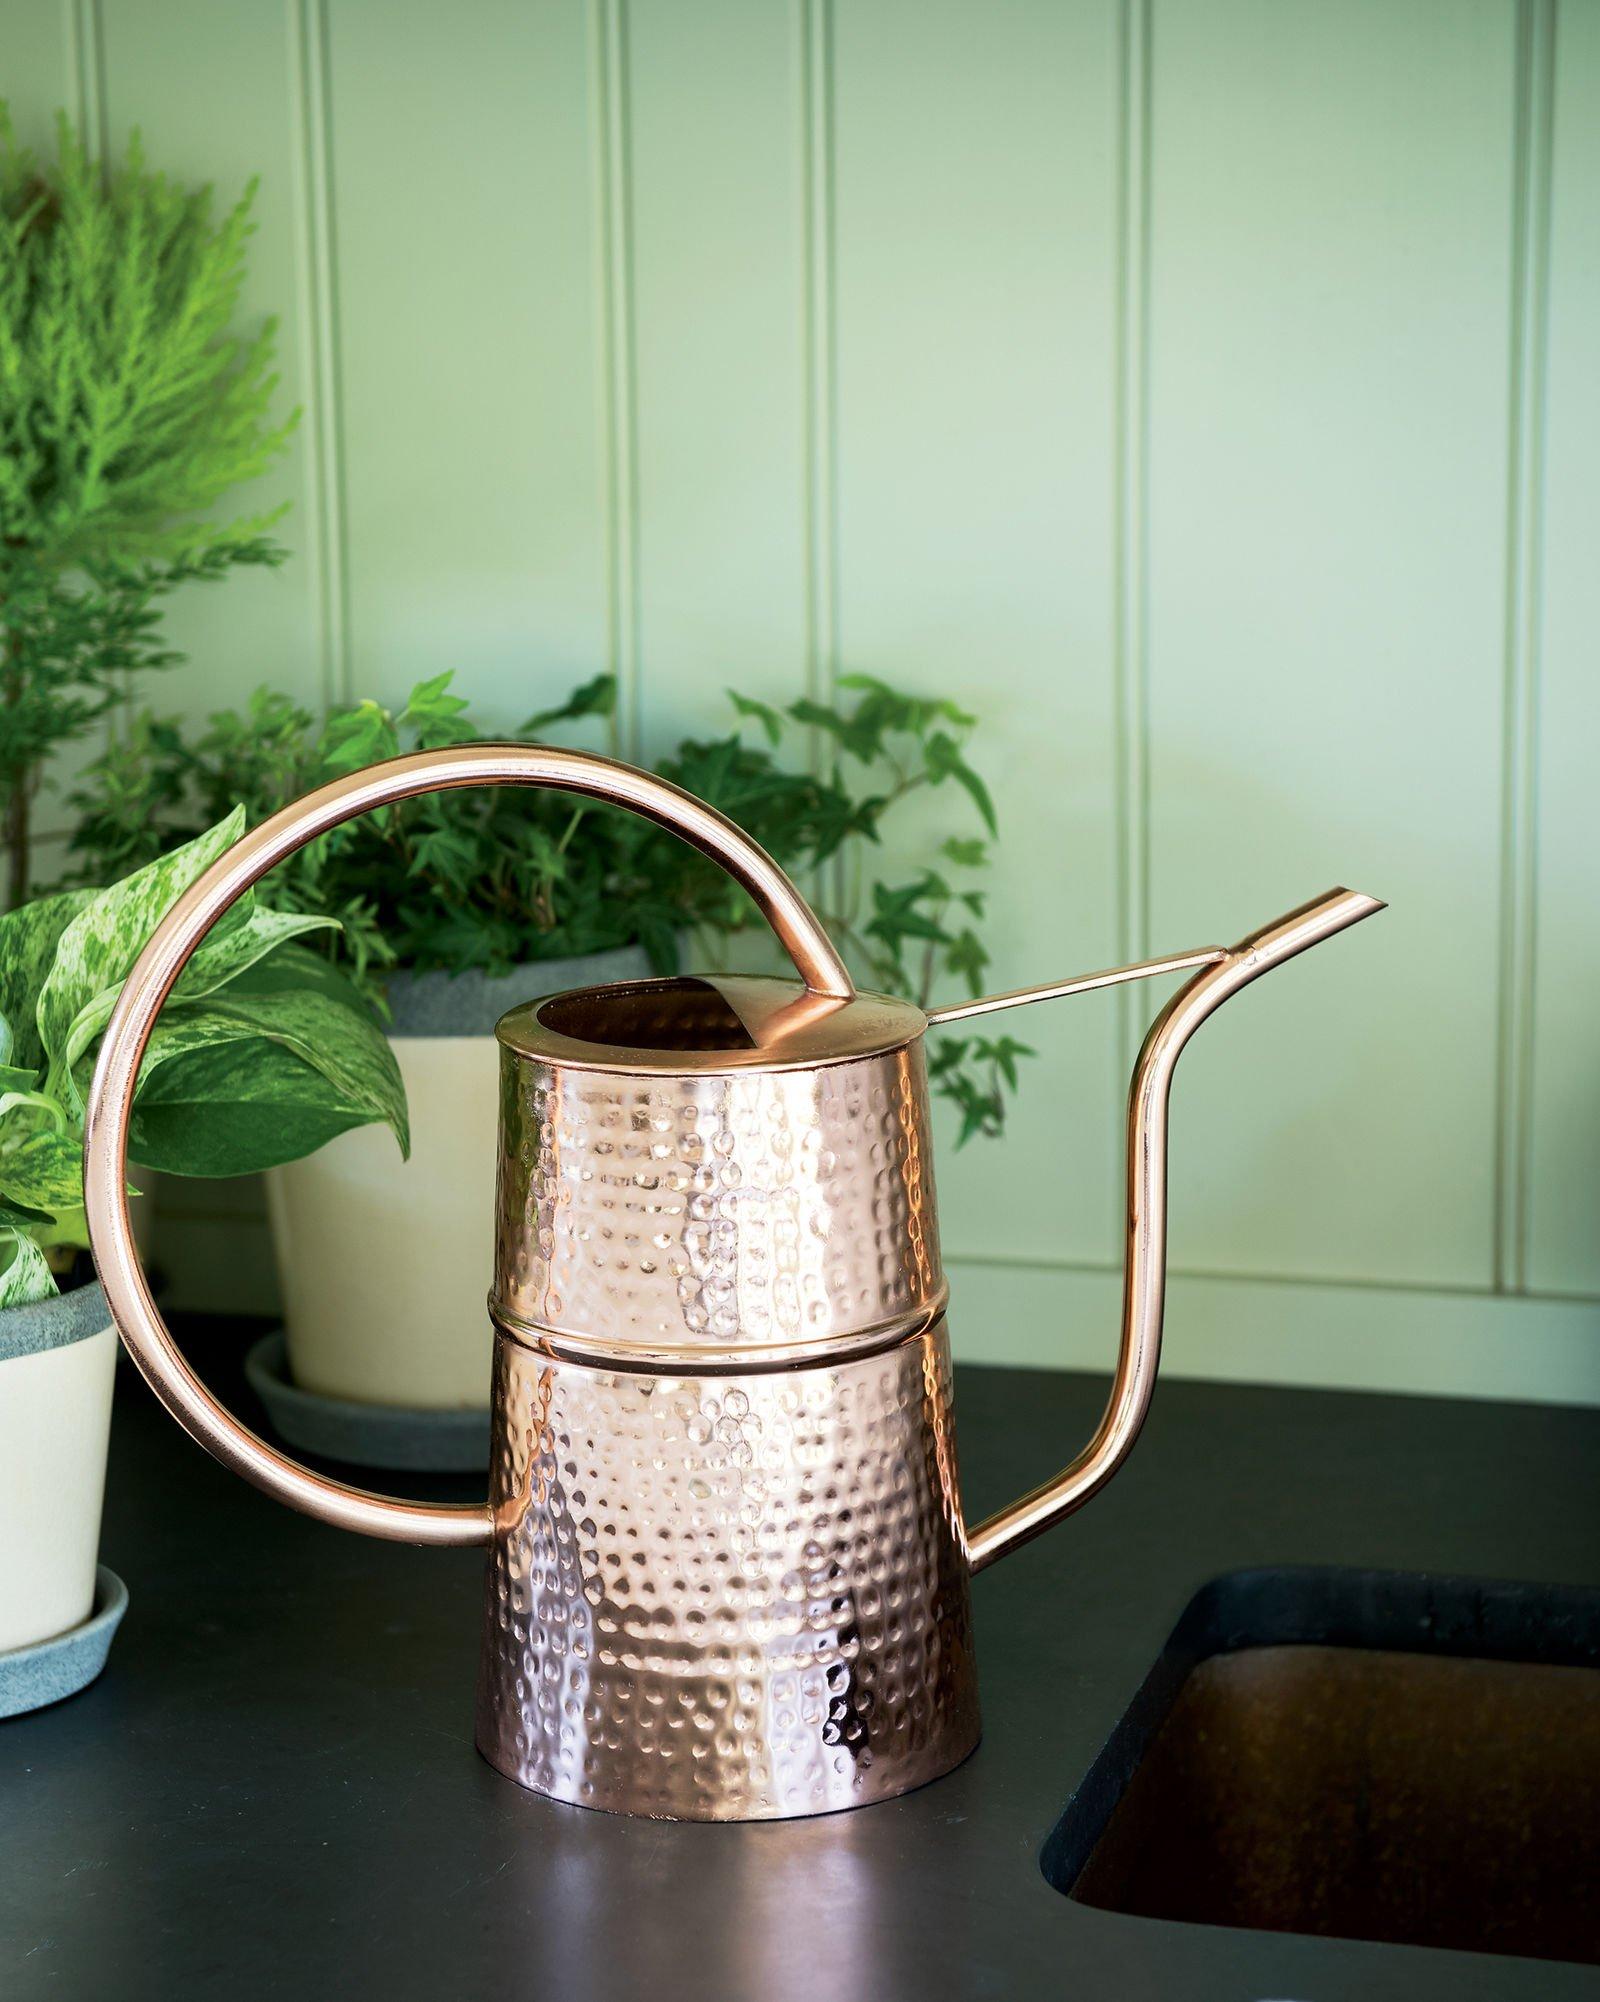 Gardener's Supply Company Copper Indoor Watering Can